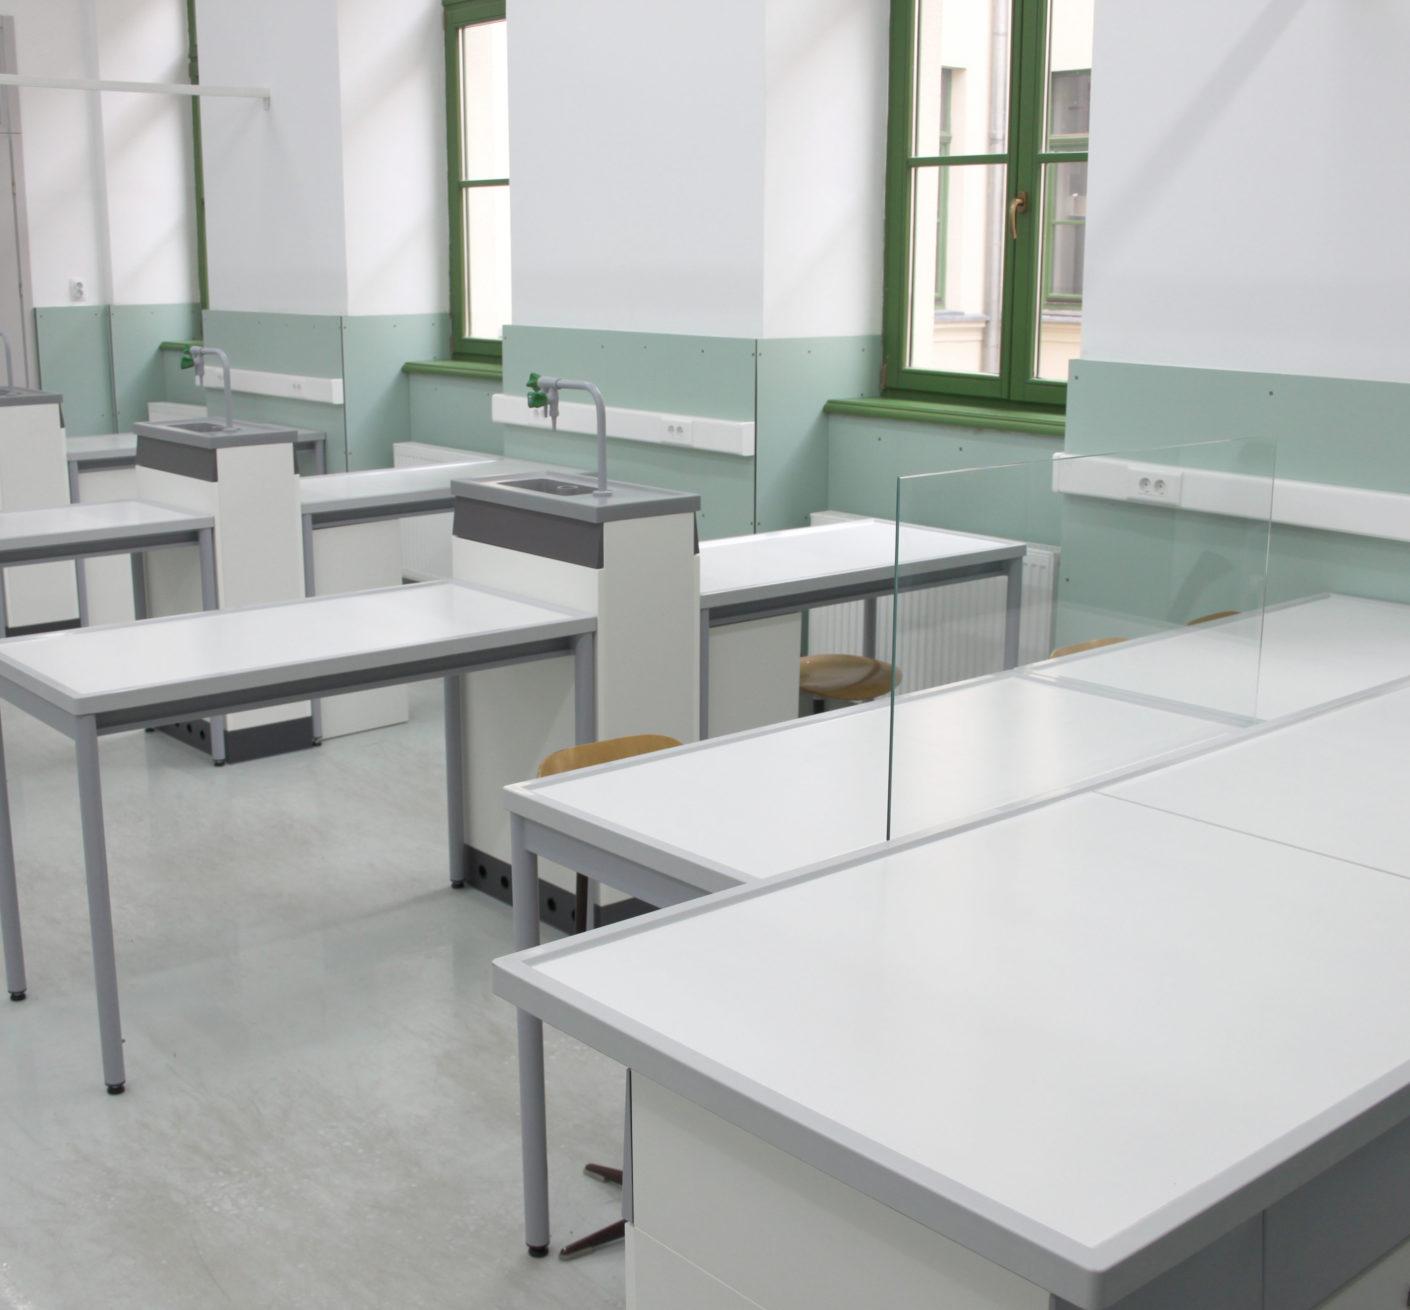 Laborator de Chimie - Liceu